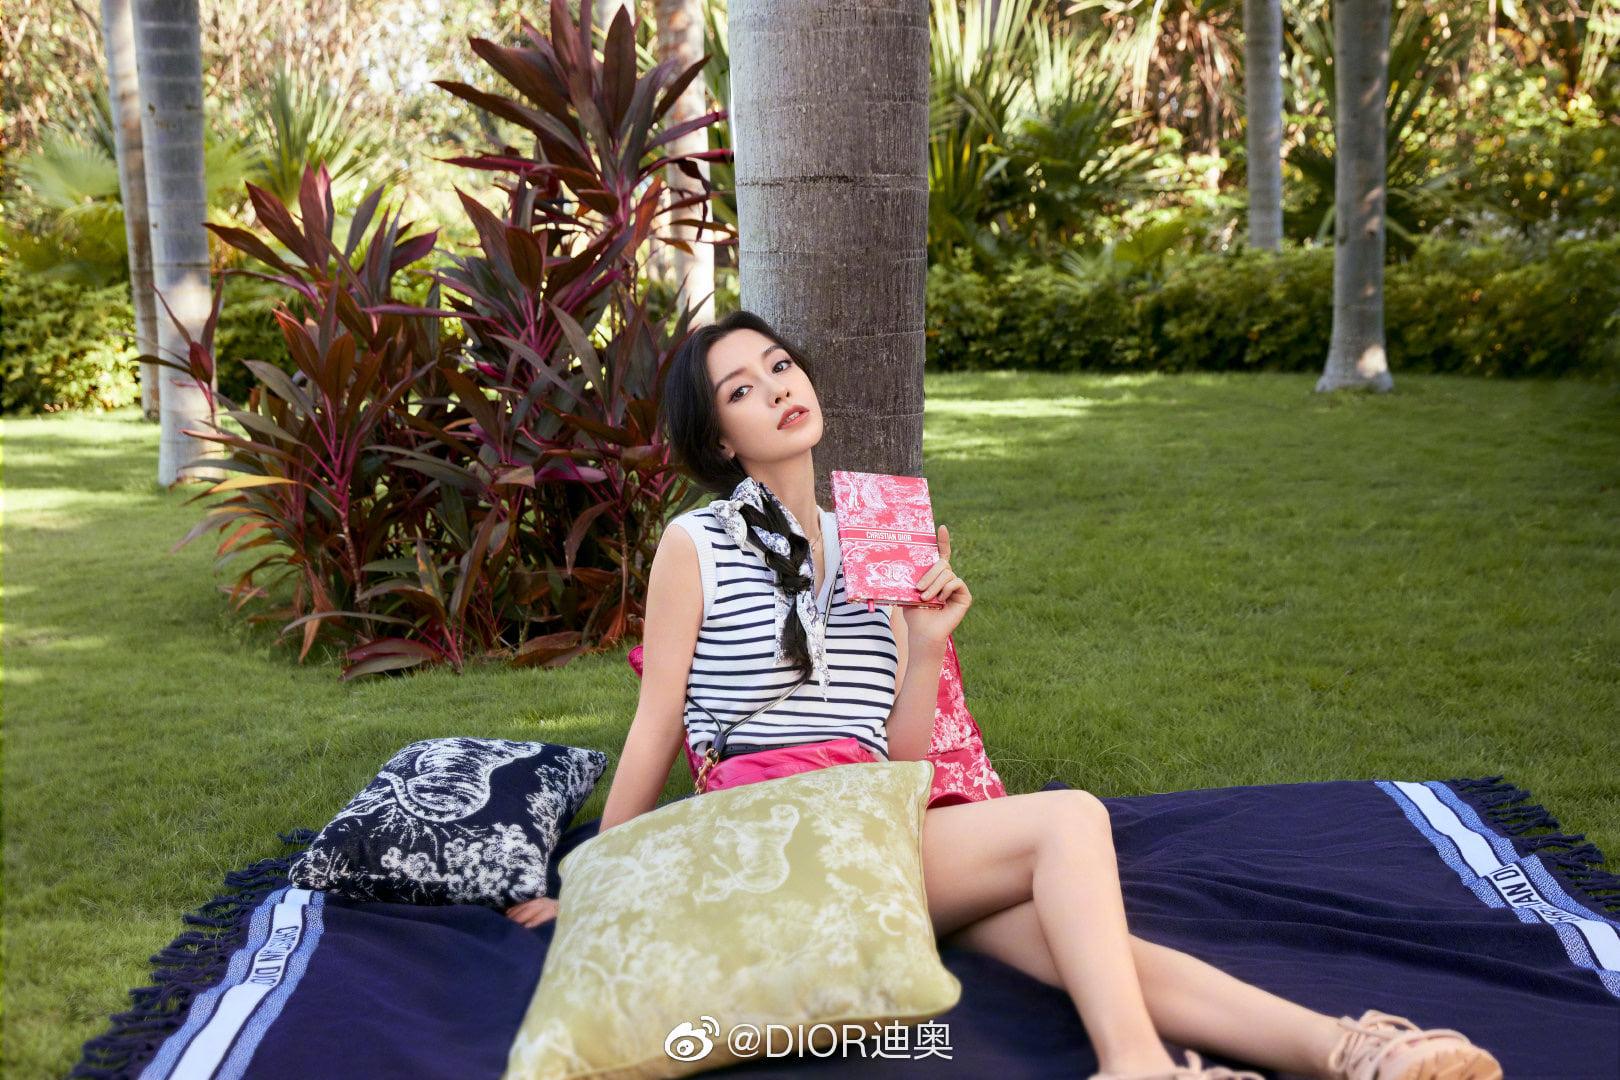 Kiểu tóc 'cưa sừng' được loạt mỹ nhân châu Á lăng xê: Song Hye Kyo và Angela Baby đều có cú nhảy vọt nhan sắc - Ảnh 11